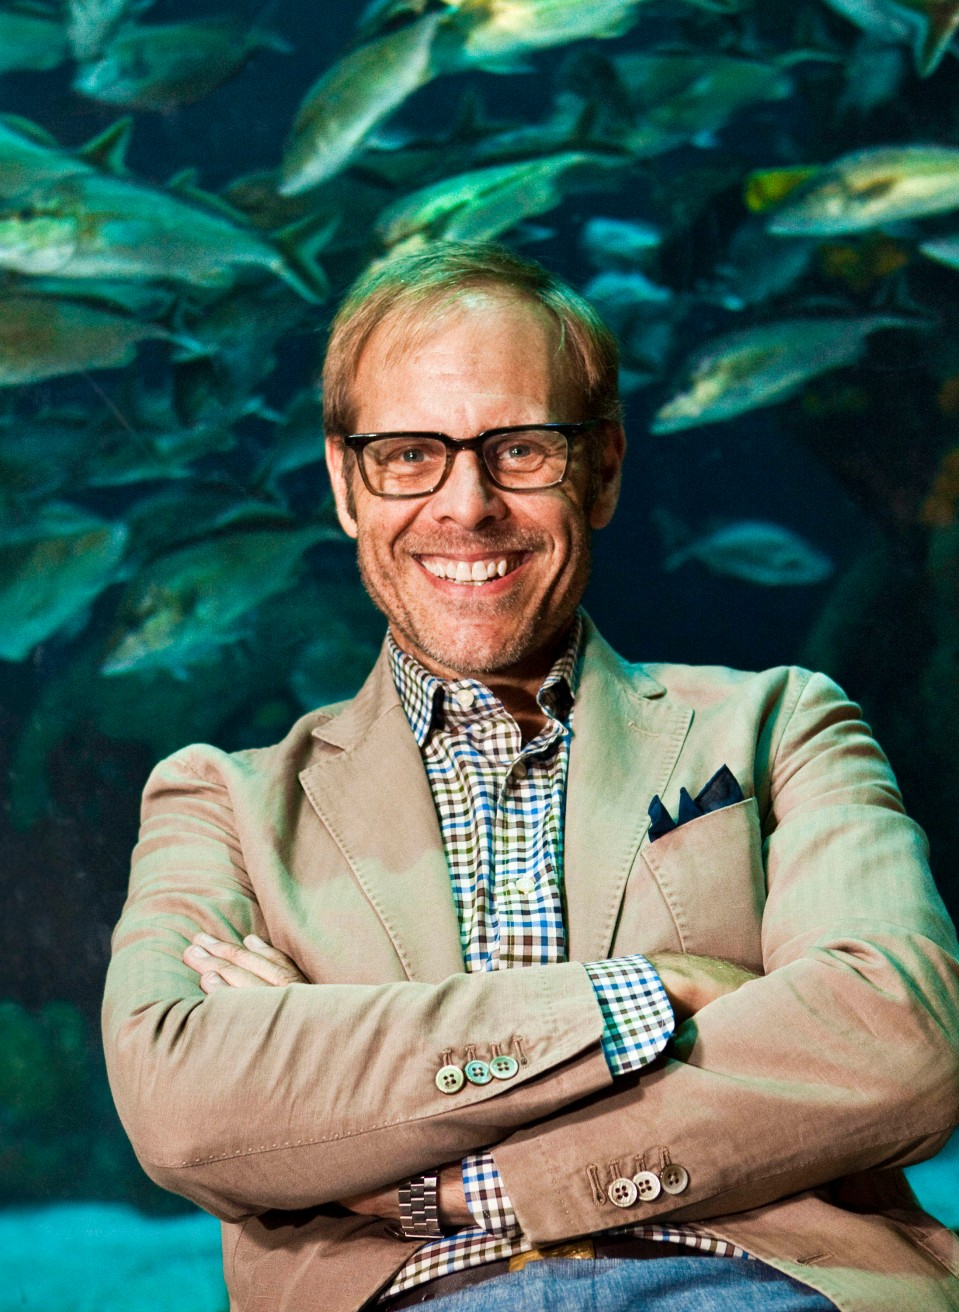 Alton Brown with Custom Aquarium